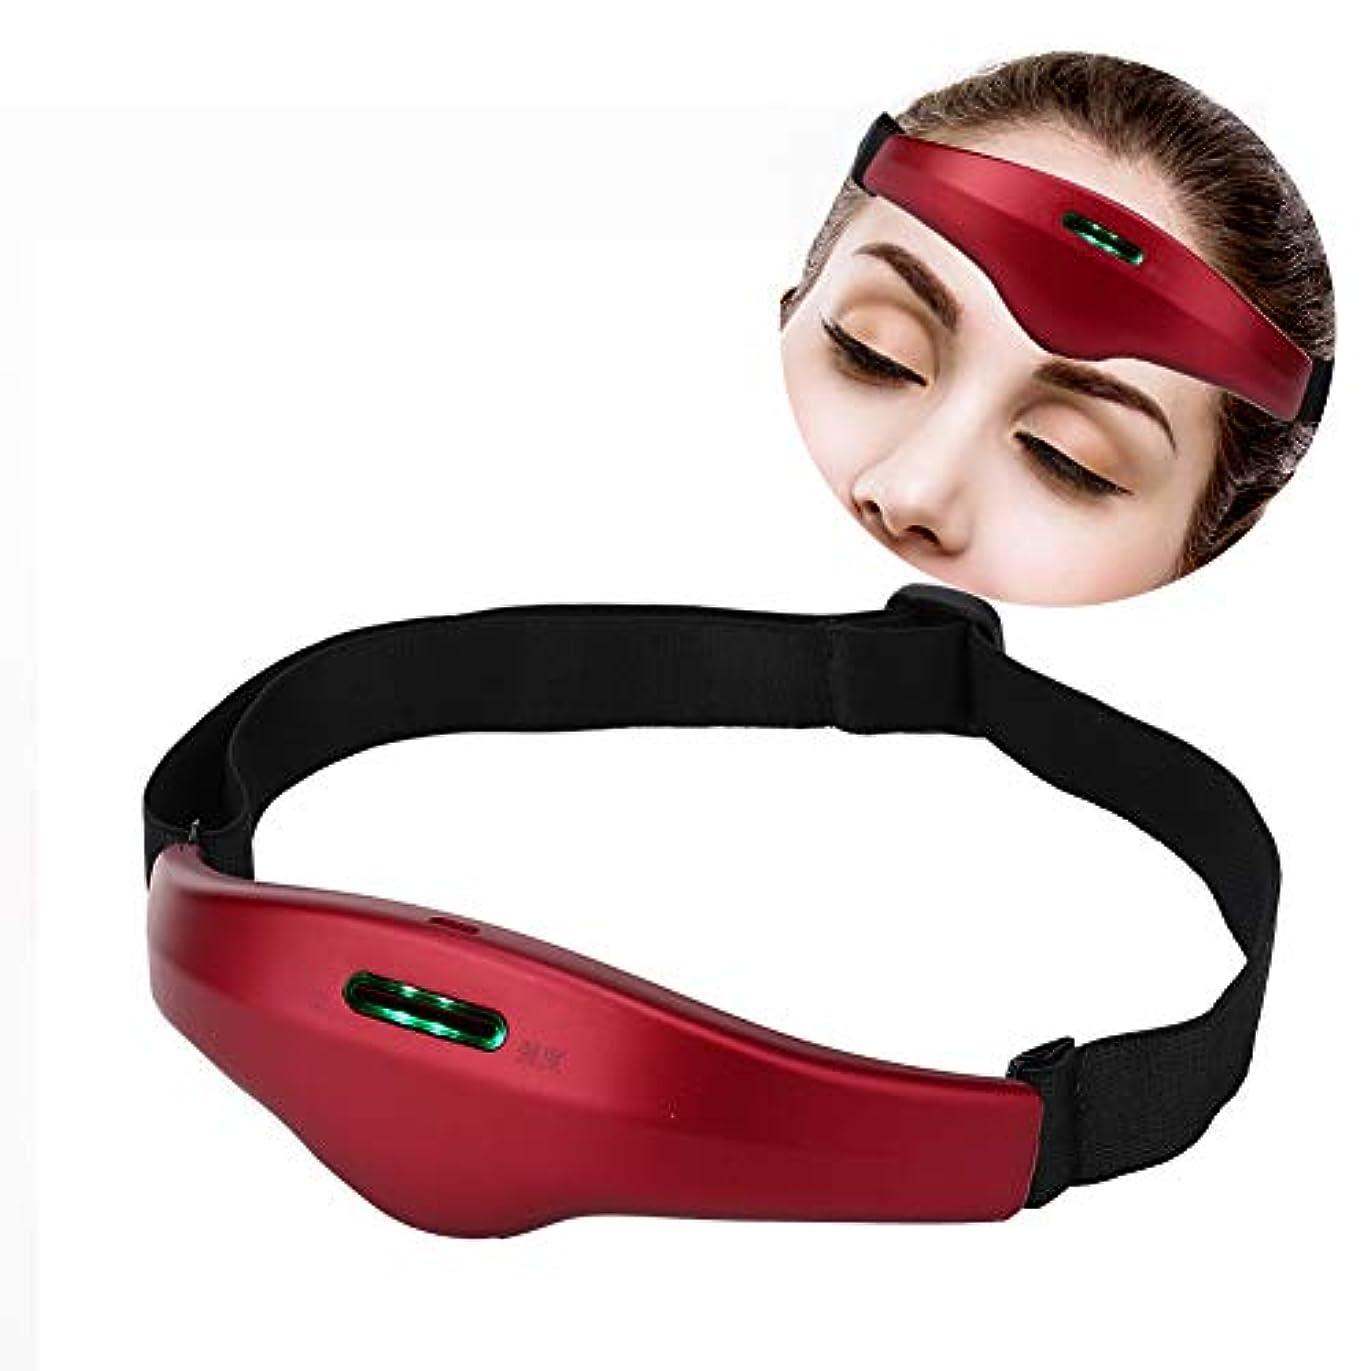 調和売上高不良品電気ヘッドマッサージャー、ストレス解消のためのコントロールネックマッサージャーとより良い睡眠の声インテリジェント睡眠マッサージ装置(Vermilion Red)